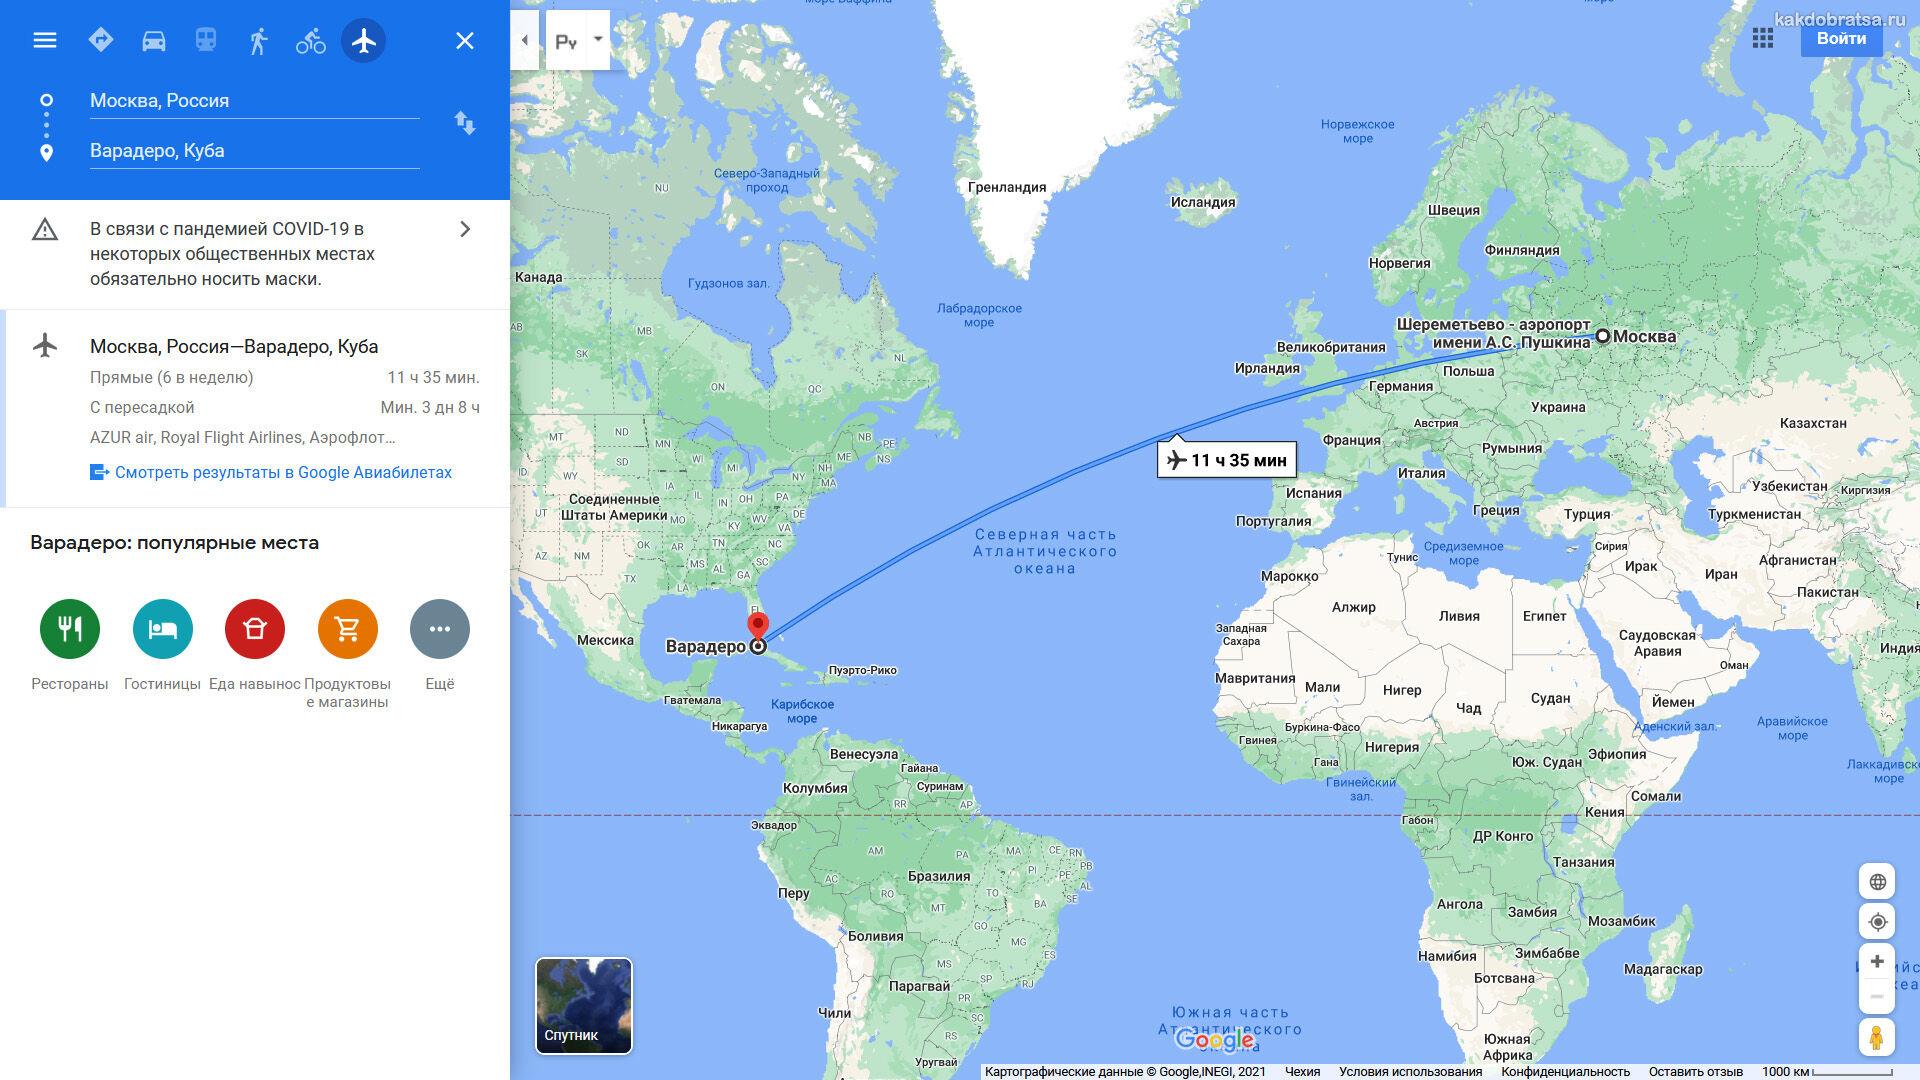 Расстояние между Кубой и Москвой и путь по карте